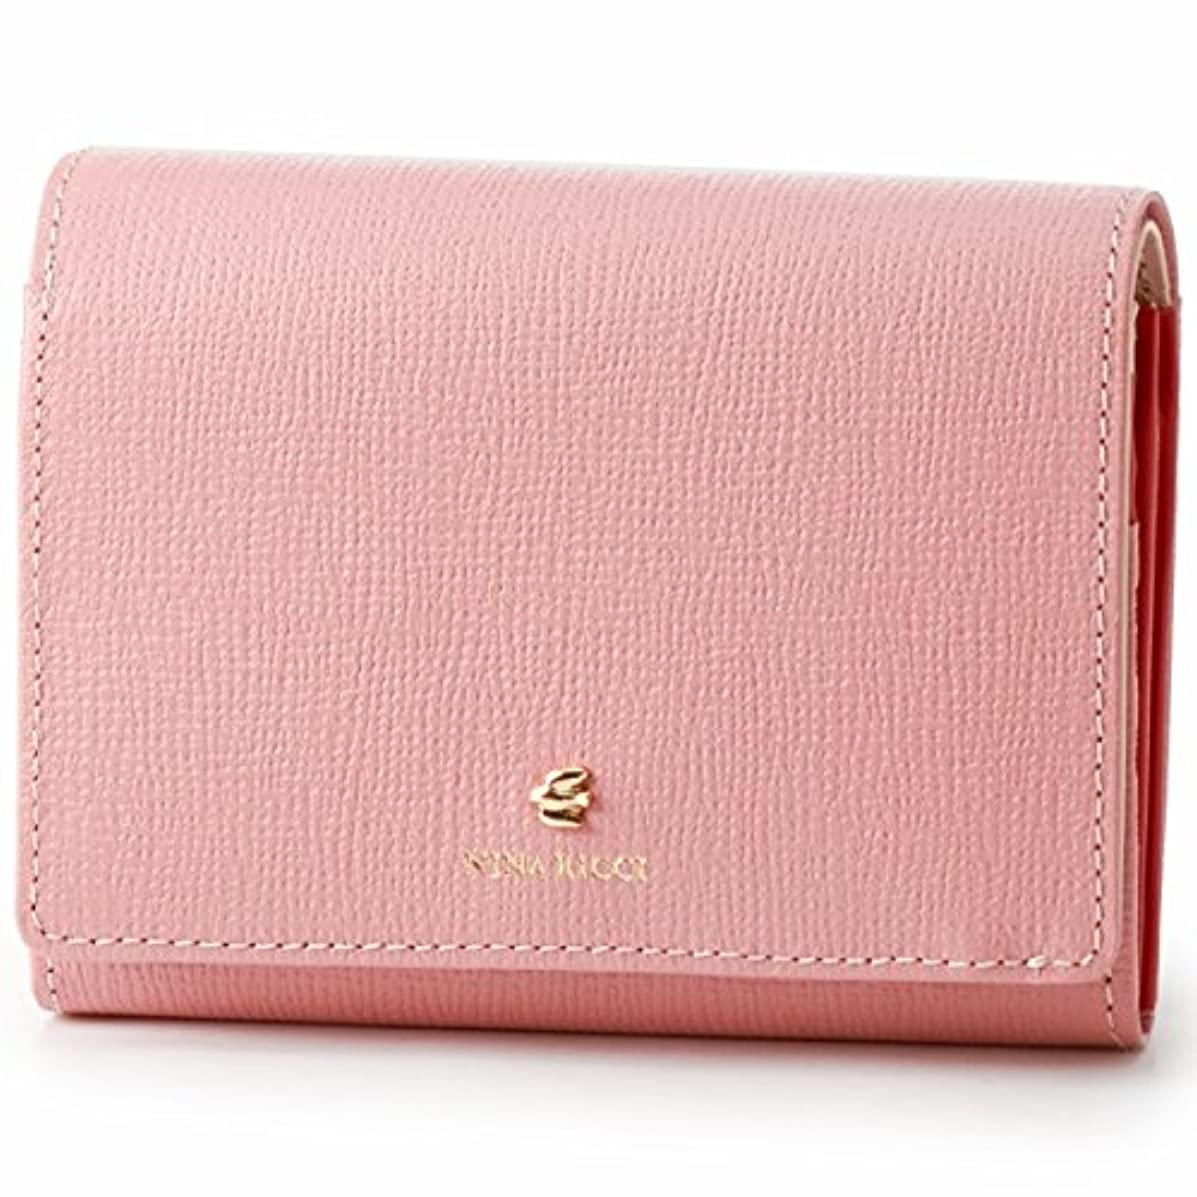 適用する三十踏みつけニナ リッチ(バッグ&ウォレット)(NINA RICCI) 財布(カブリオール 折財布)